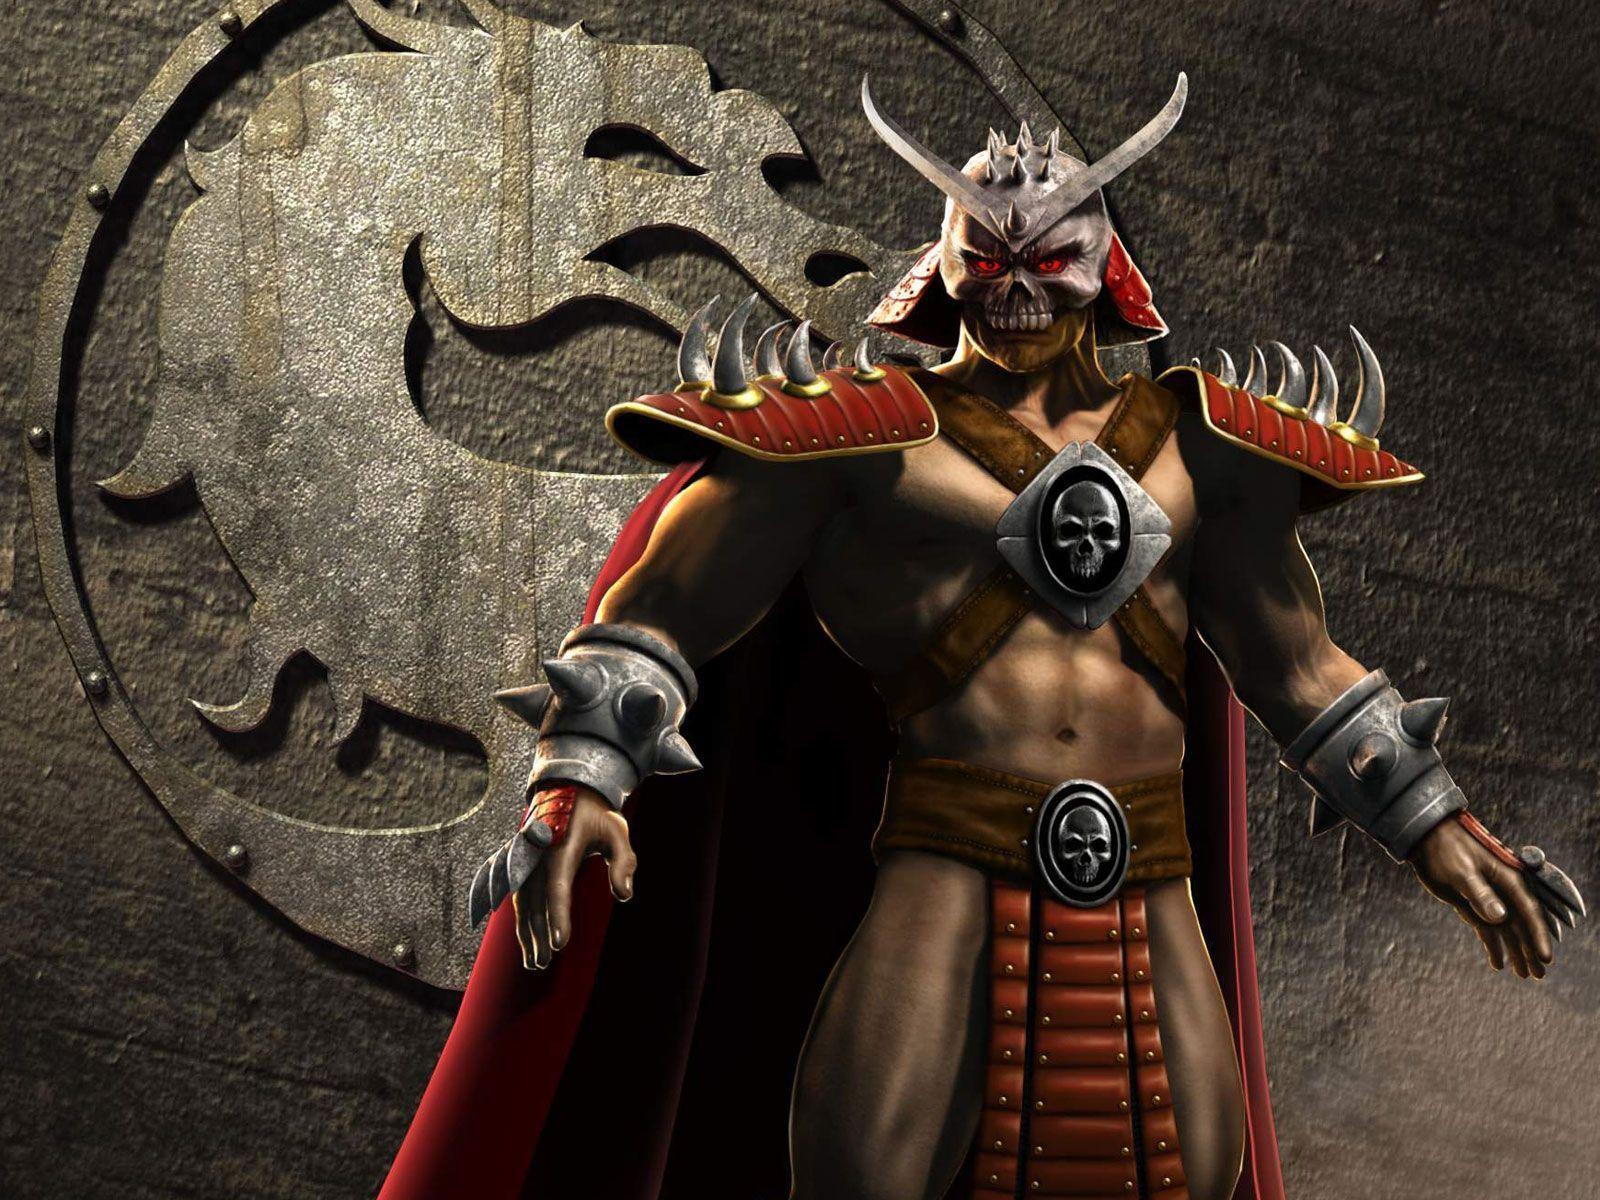 Mortal Kombat Deception Shao Kahn Wallpaper (Wallpaper